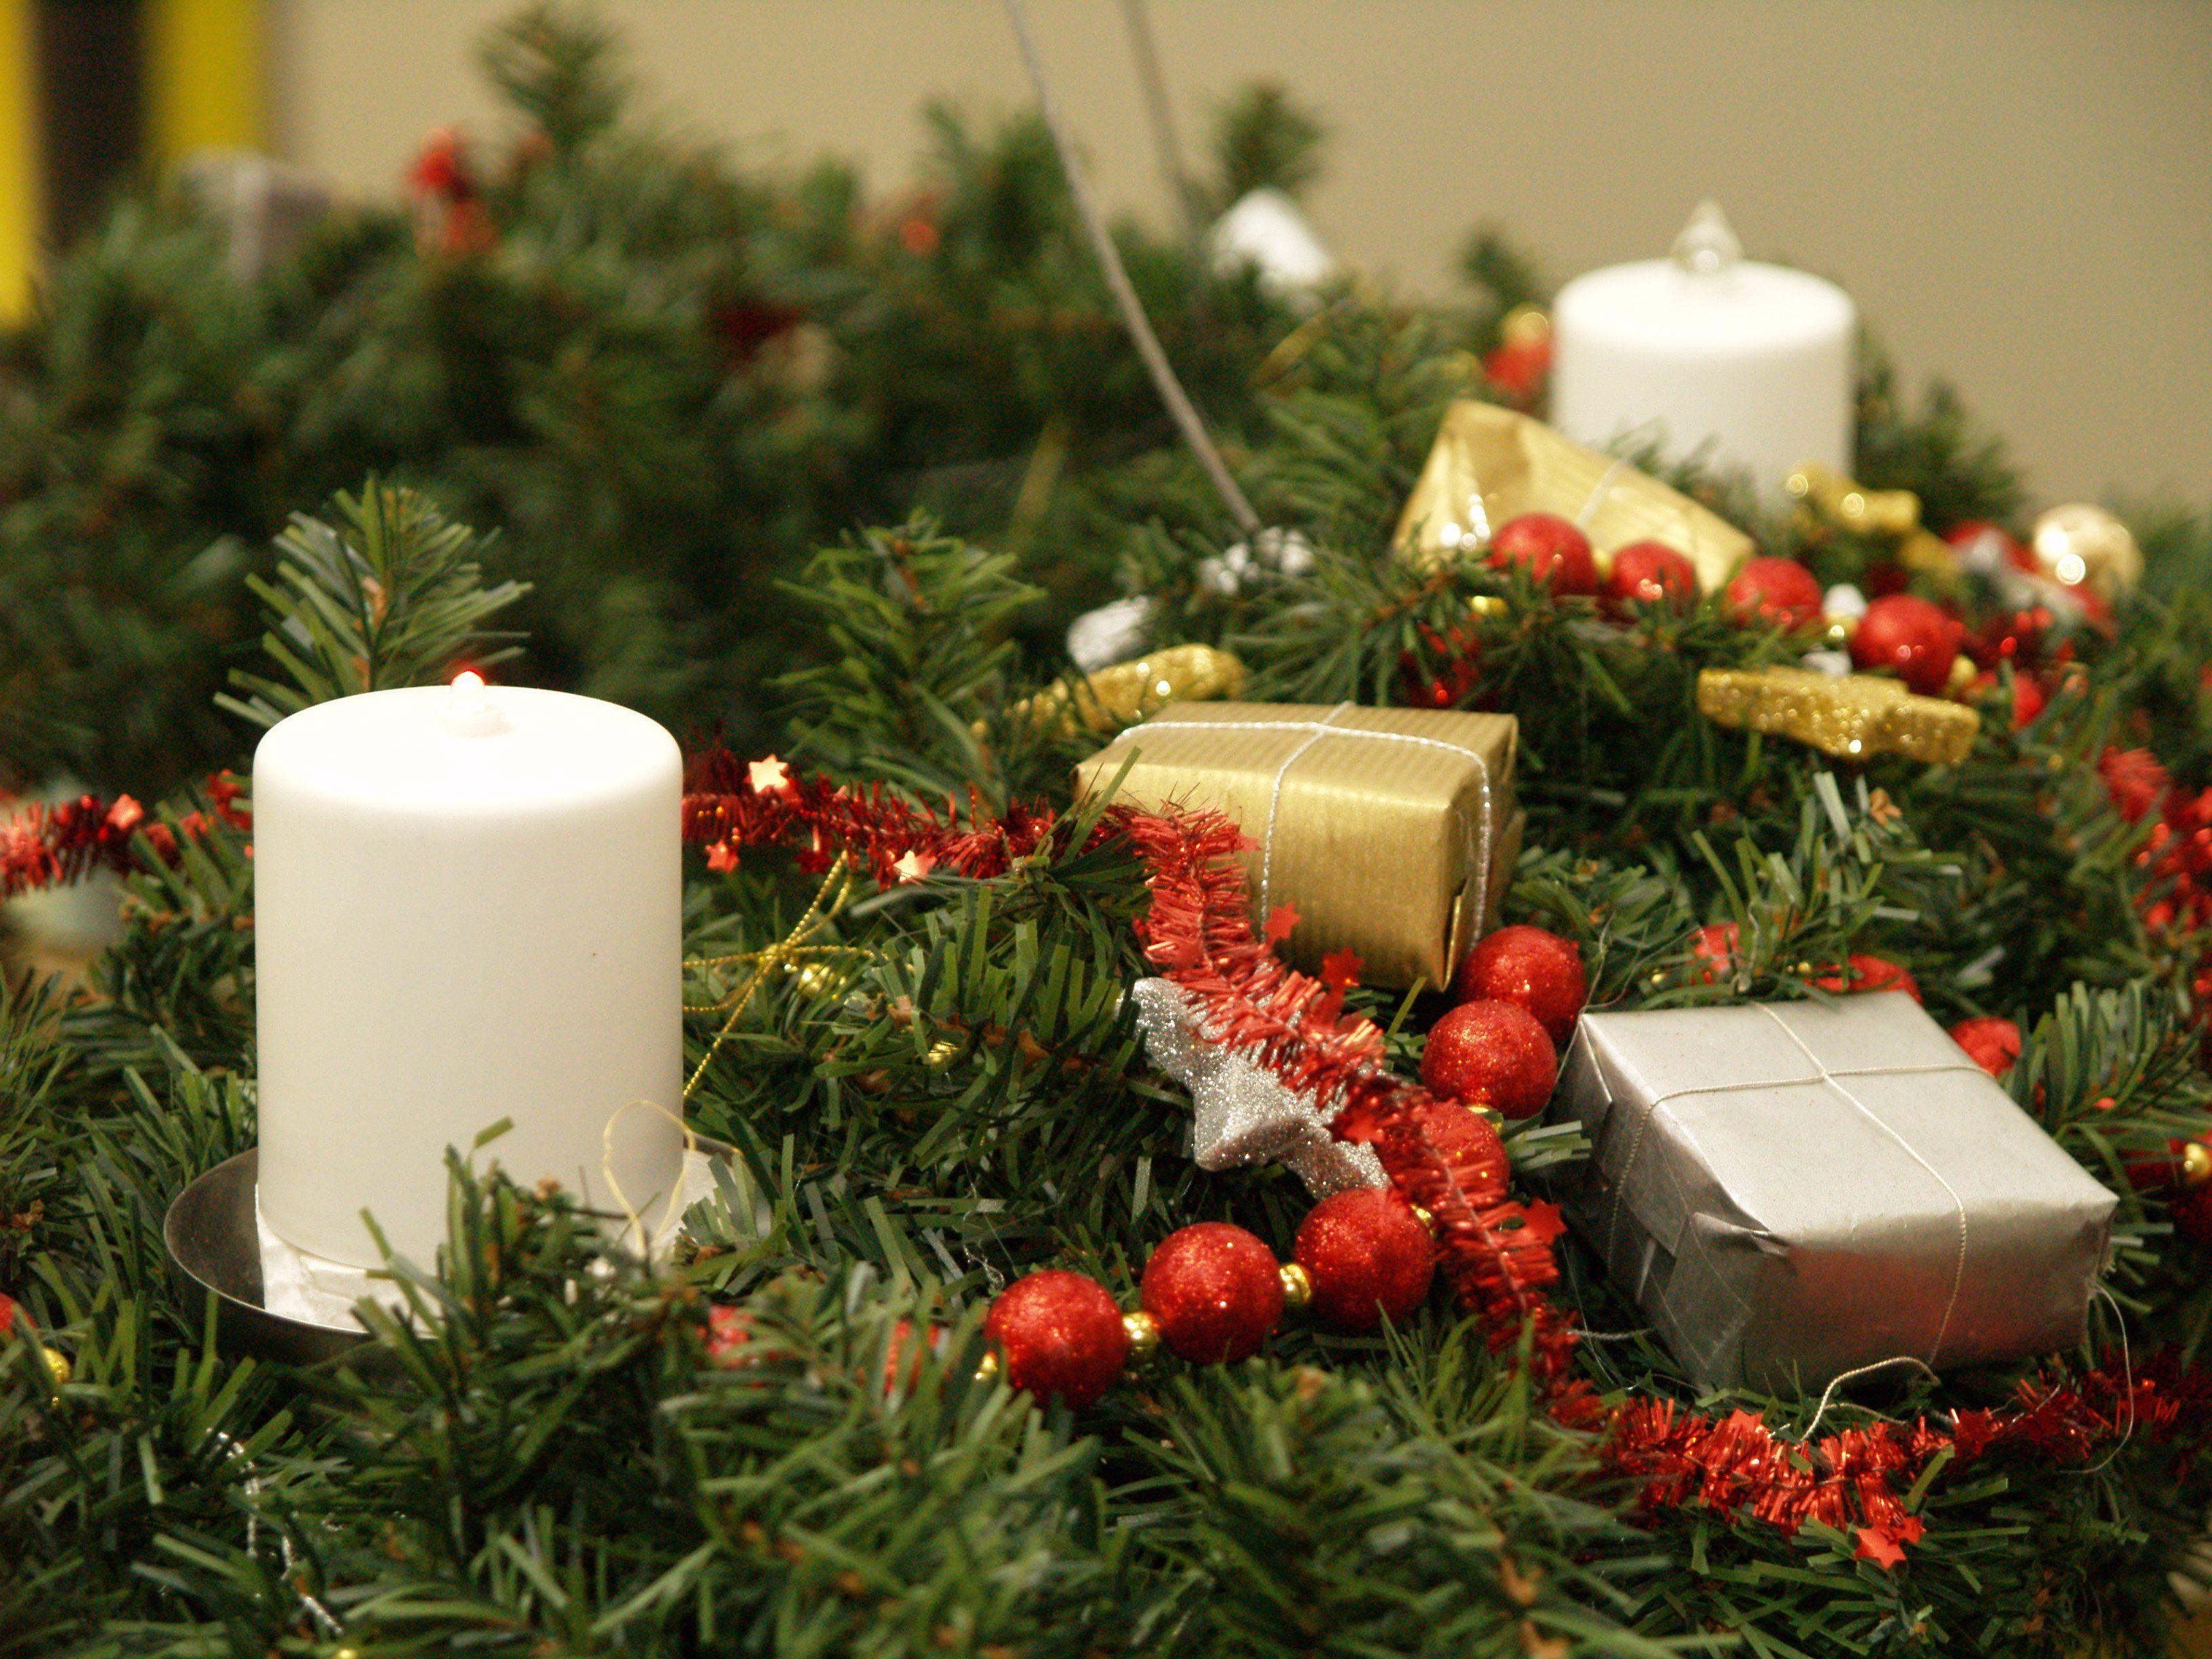 Am 16.Dezember findet in der Franziskanerkirche ein Weihnachtskonzert des Musik - Aktiv - Zweigs des Bundesgymnasiums statt.